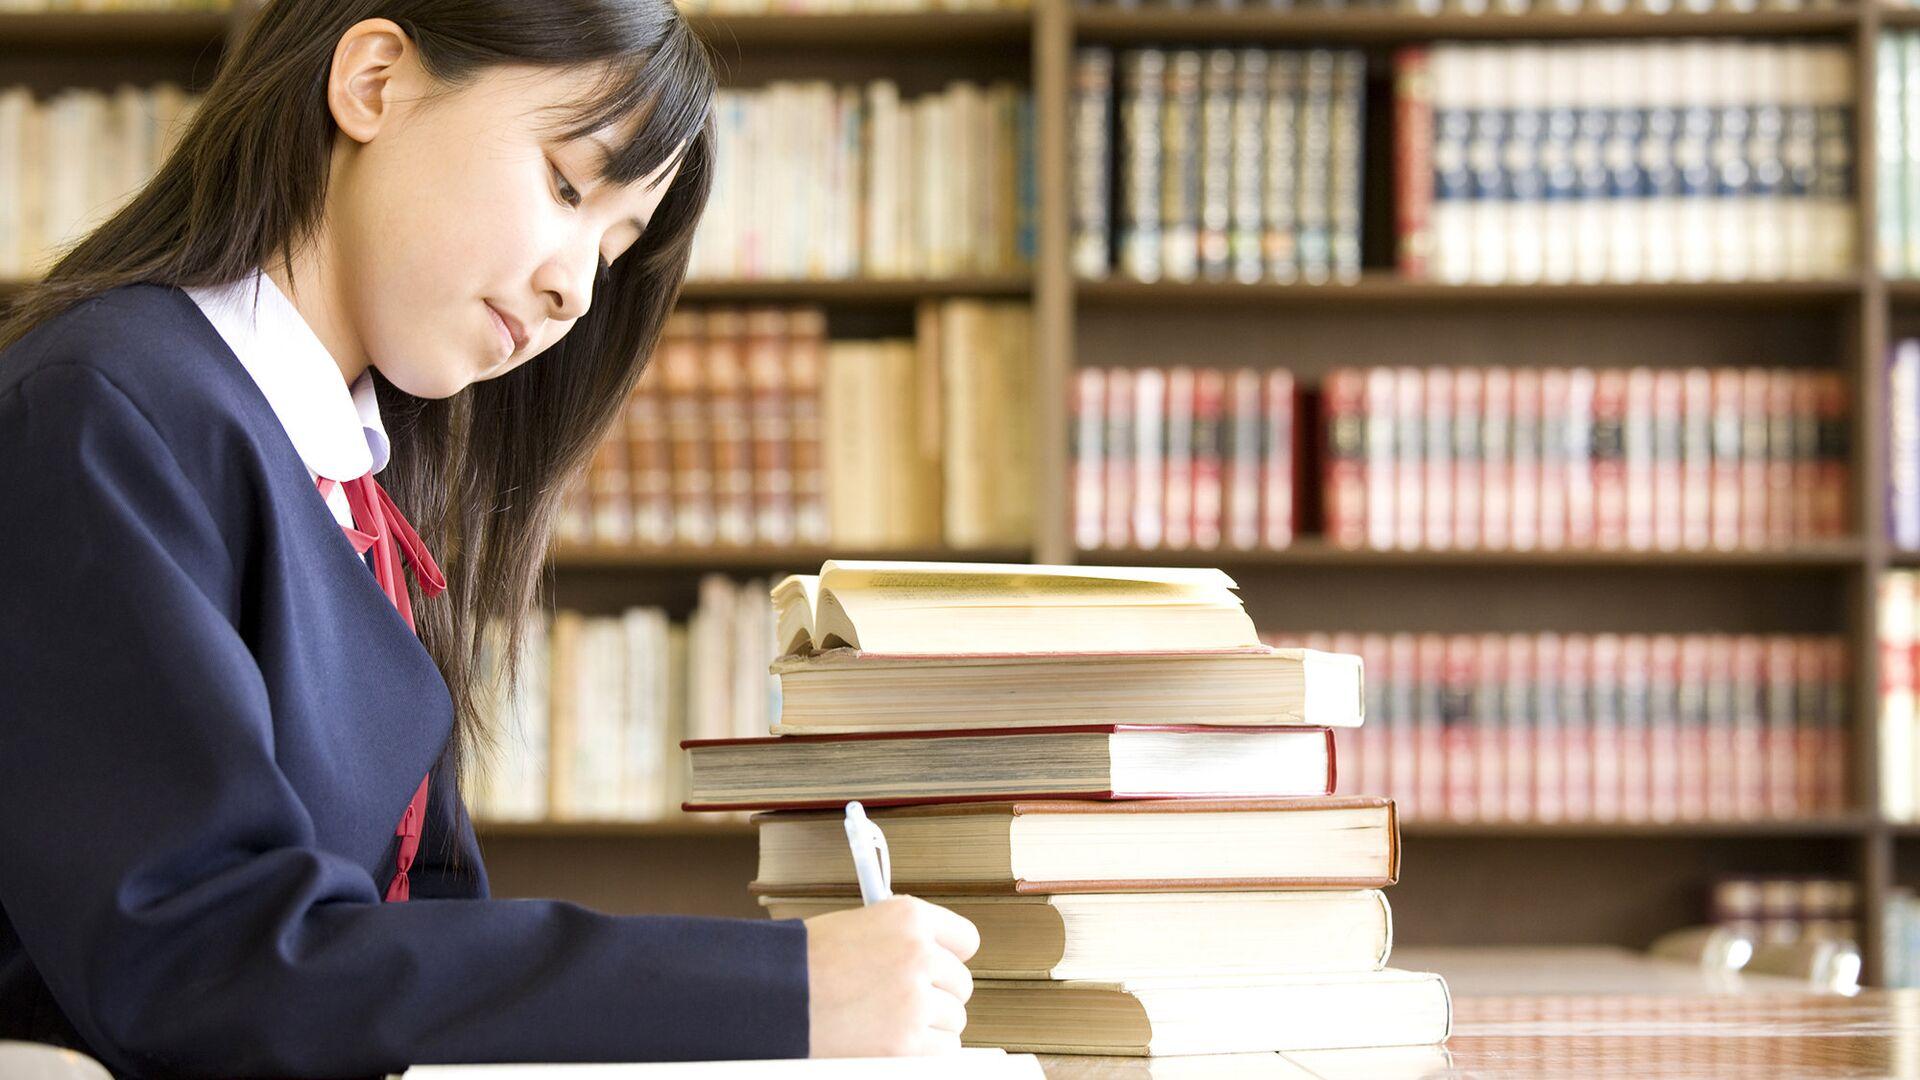 Японская школьница за учебниками - РИА Новости, 1920, 04.02.2021